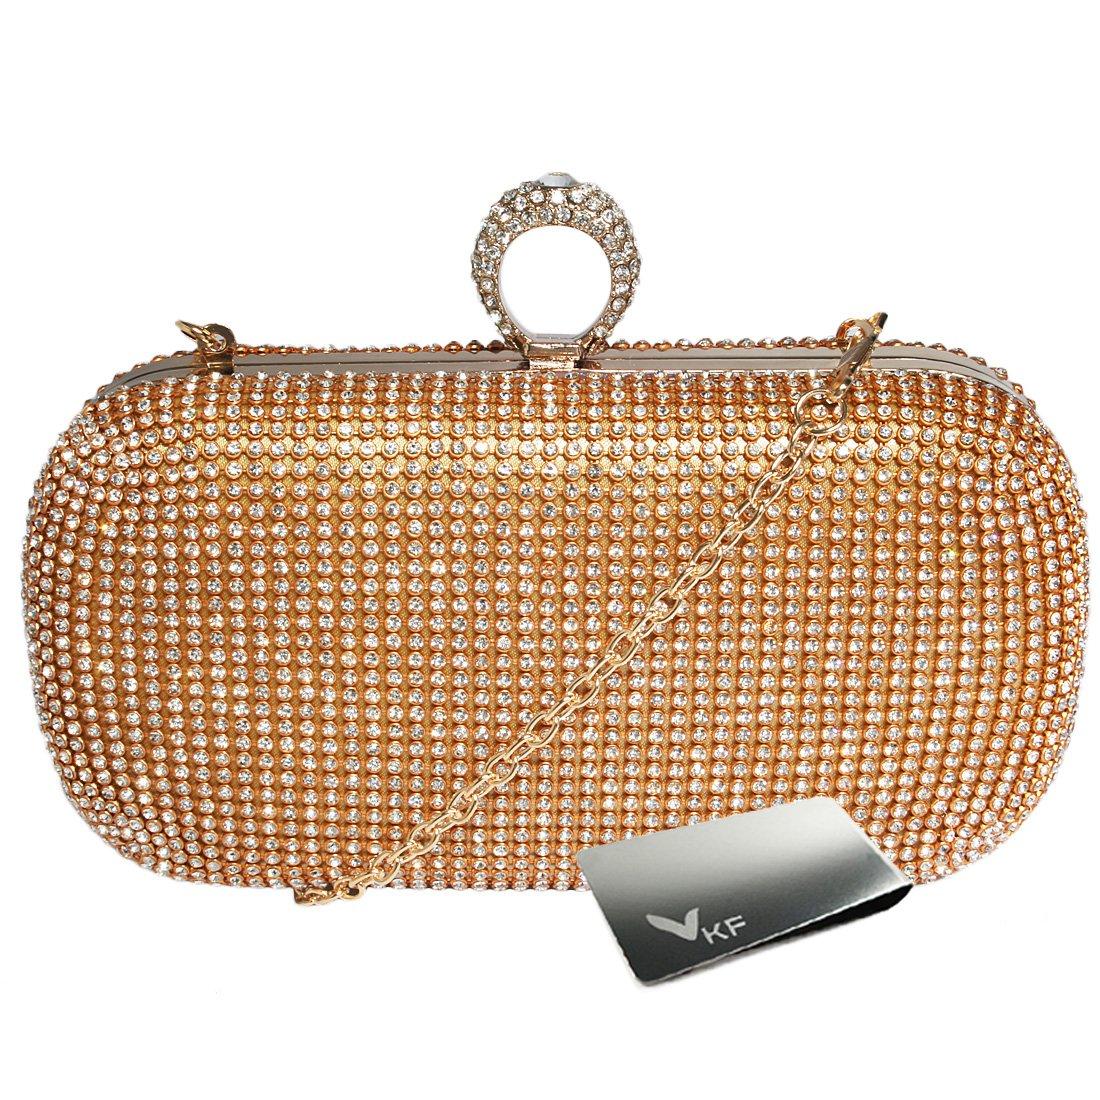 [キロフライ]kilofly指輪クラッチバッグ財布ハードケース、ラインストーンクリスタル+マネークリップ B01AZAF2PW ゴールド